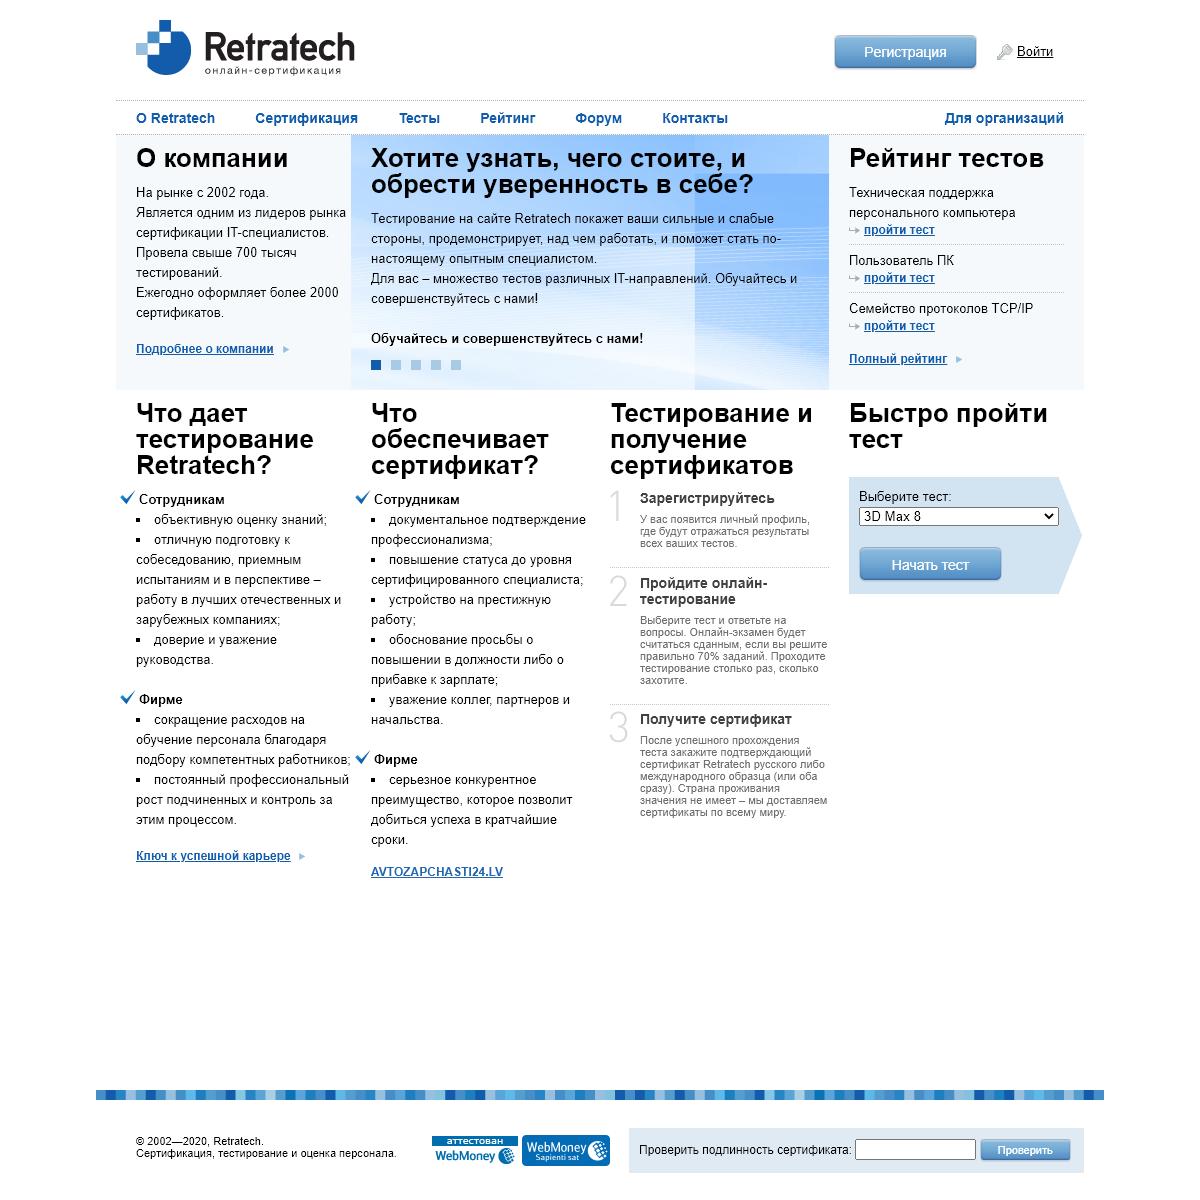 Сертификация и тестирование онлайн. Тестирование персонала, аттестац